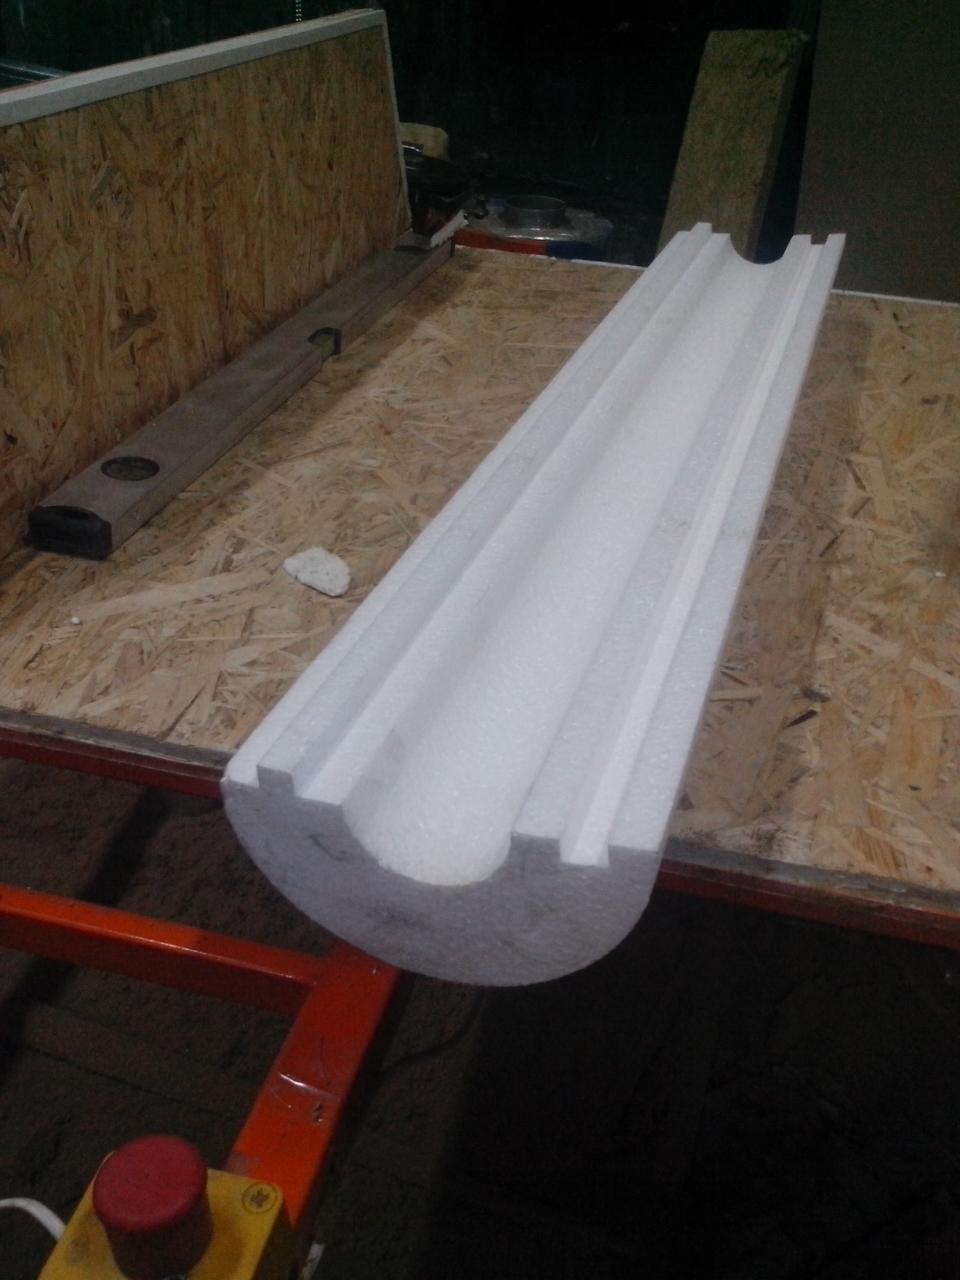 Утеплитель из пенопласта (пенополистирола) для труб Ø 40 мм толщиной 100 мм